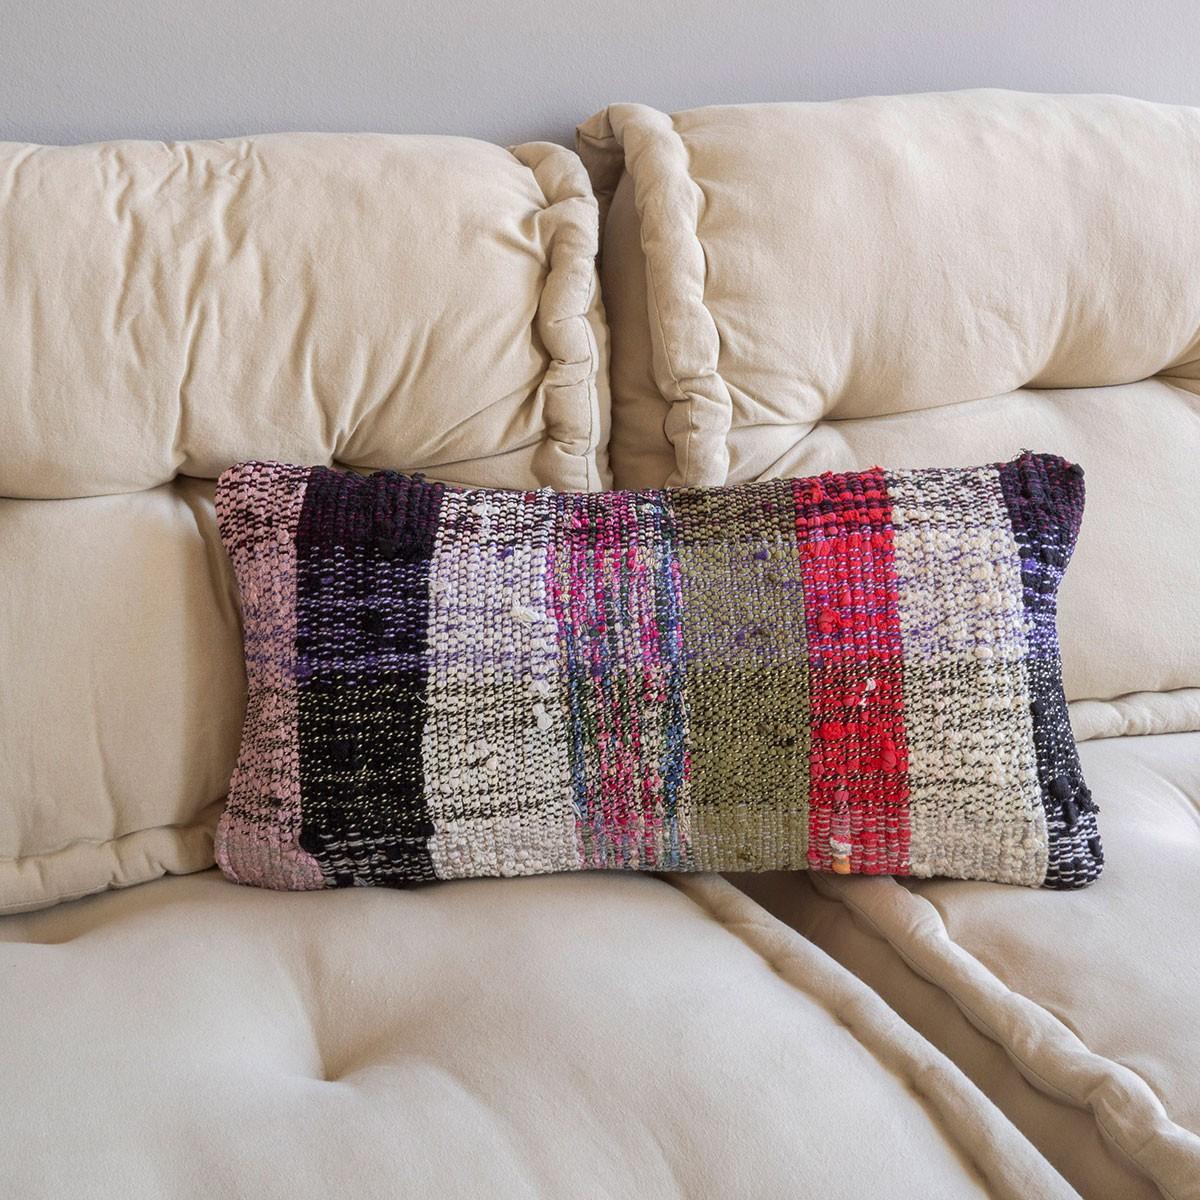 Housse De Coussin Ankara Multicolore Nº6 destiné Coussins Originaux Pour Canapé